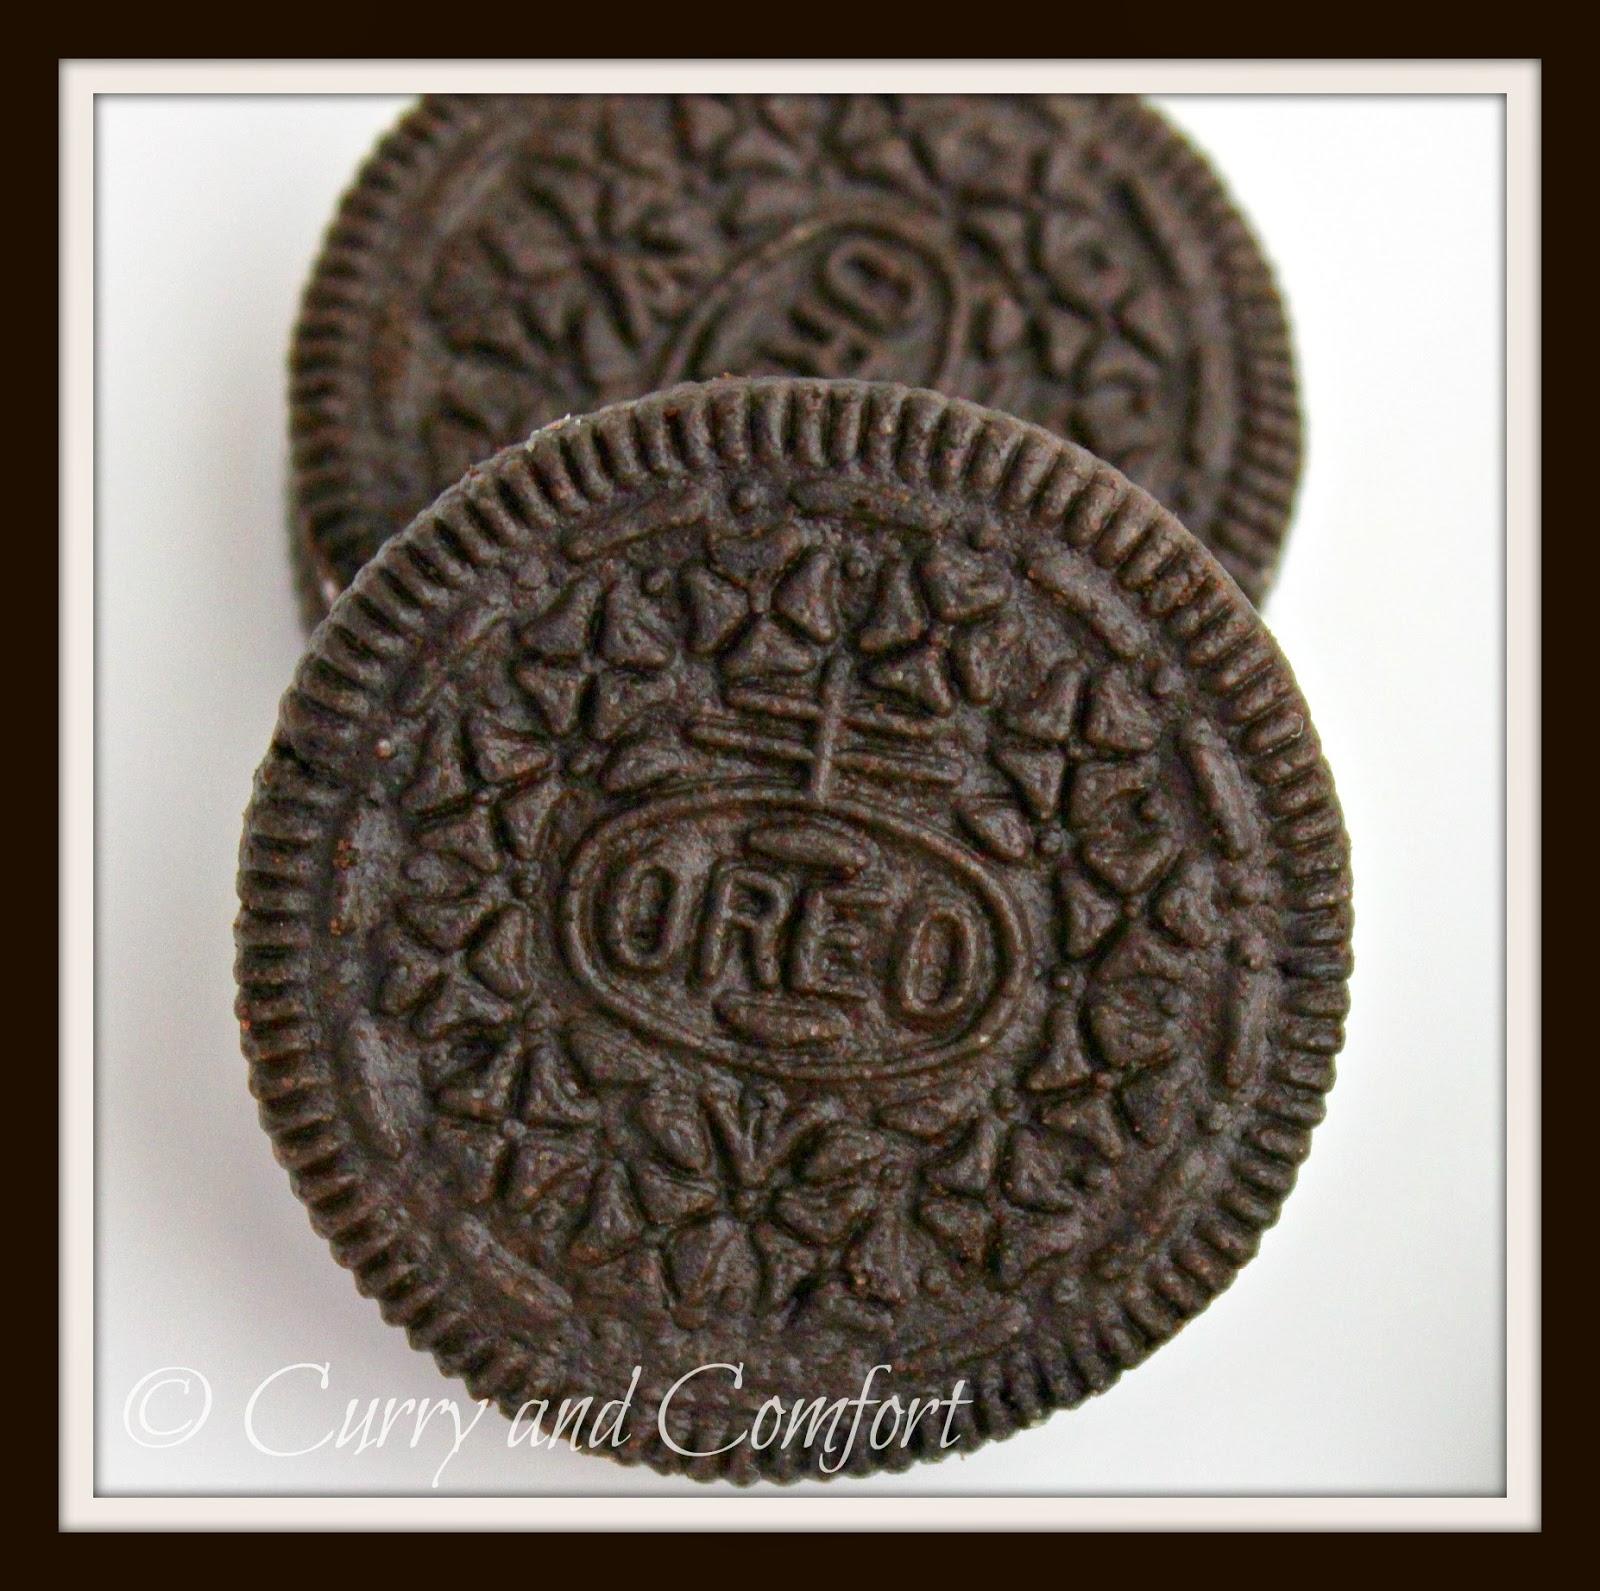 Encantador Oreo Cookie Para Colorear Embellecimiento - Enmarcado ...